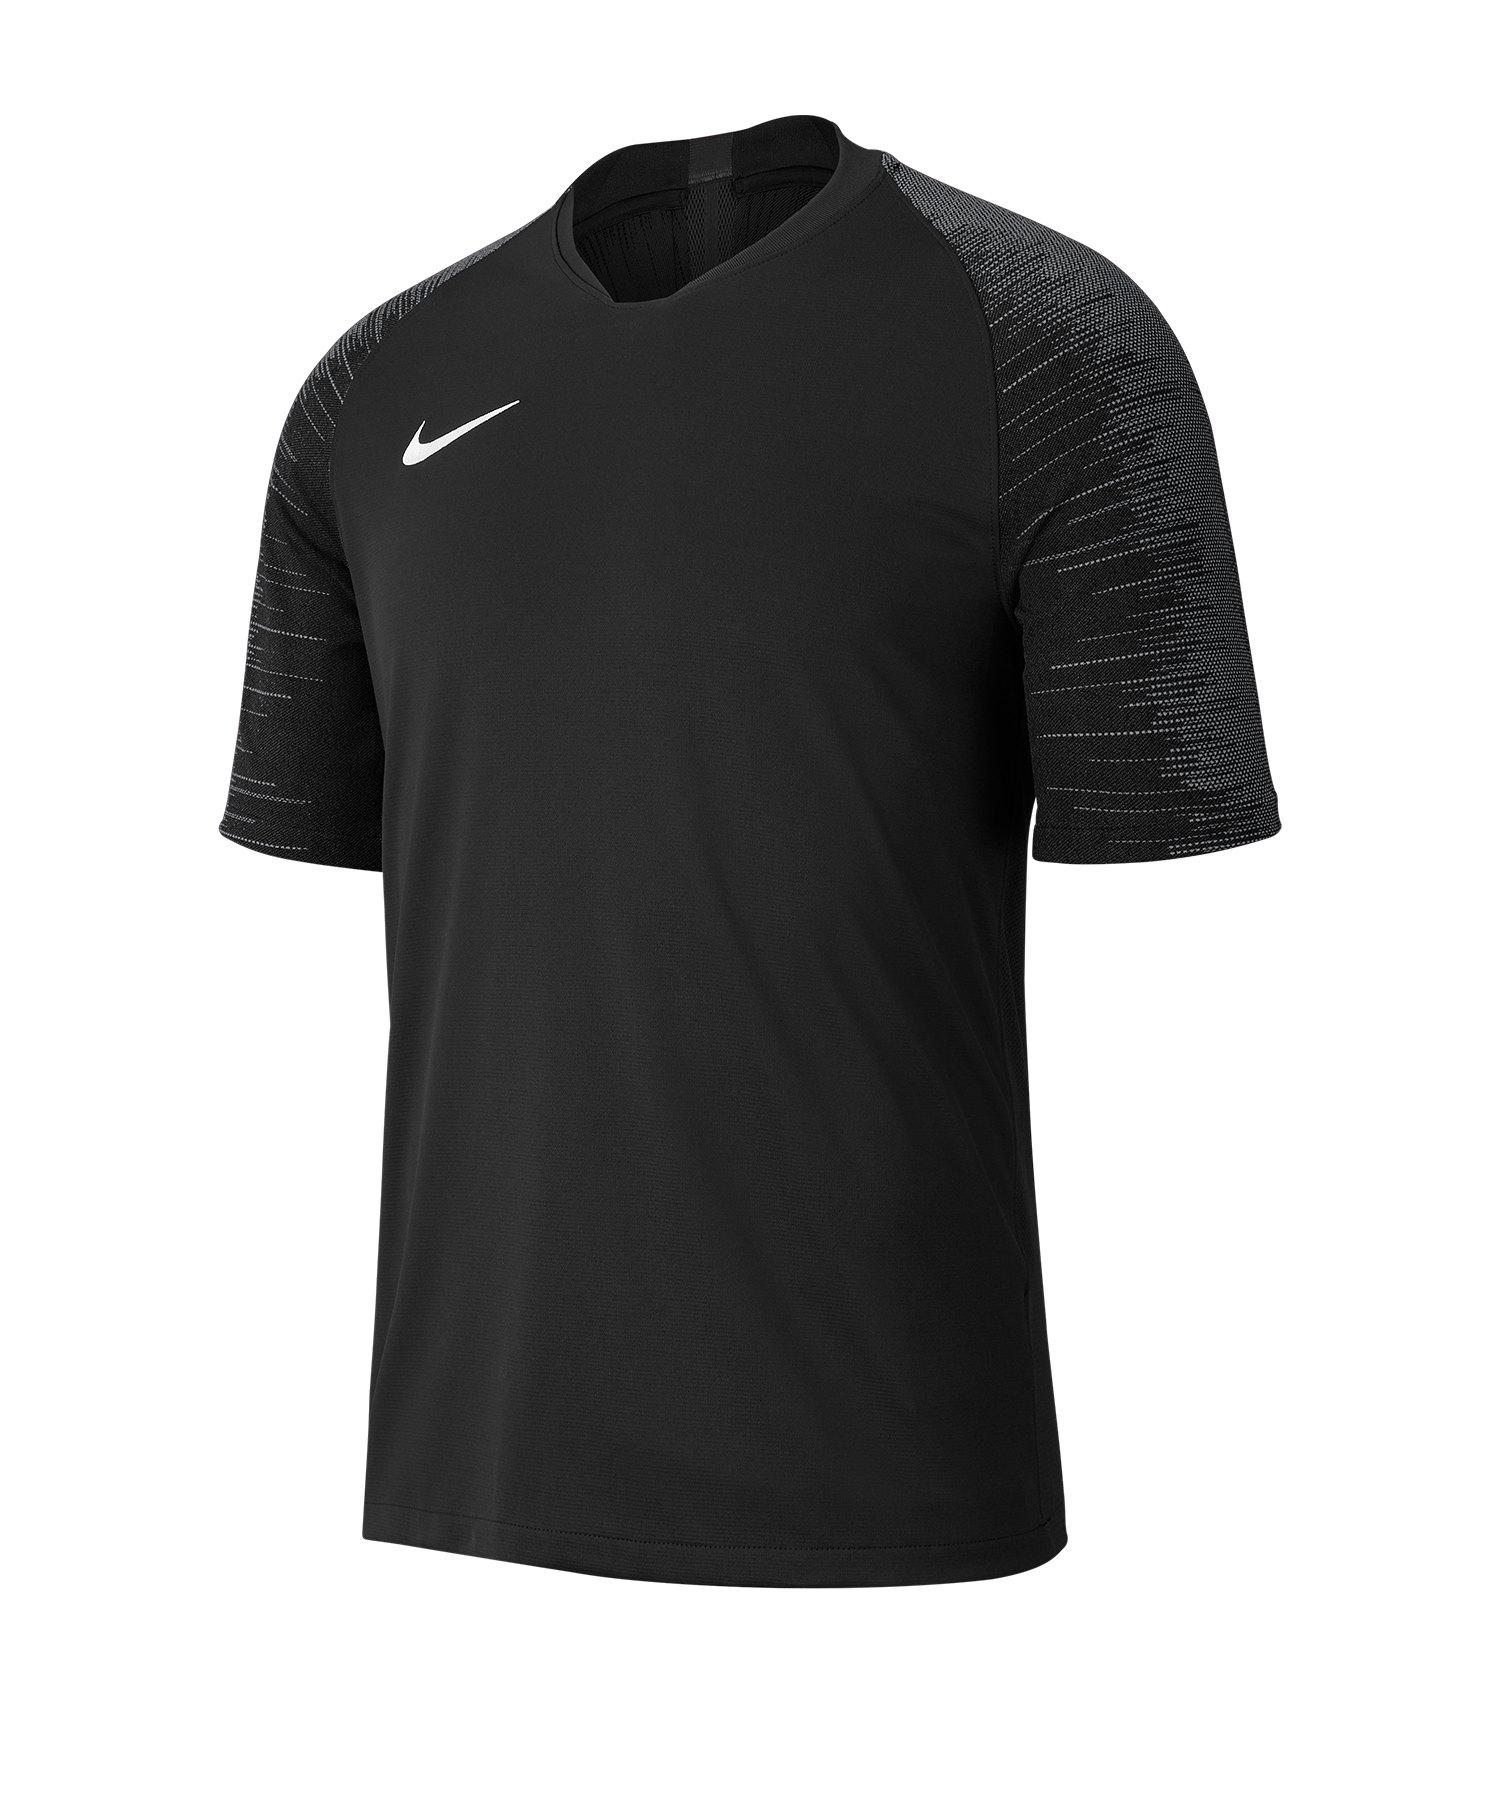 Nike Strike Trikot Schwarz F010 - schwarz